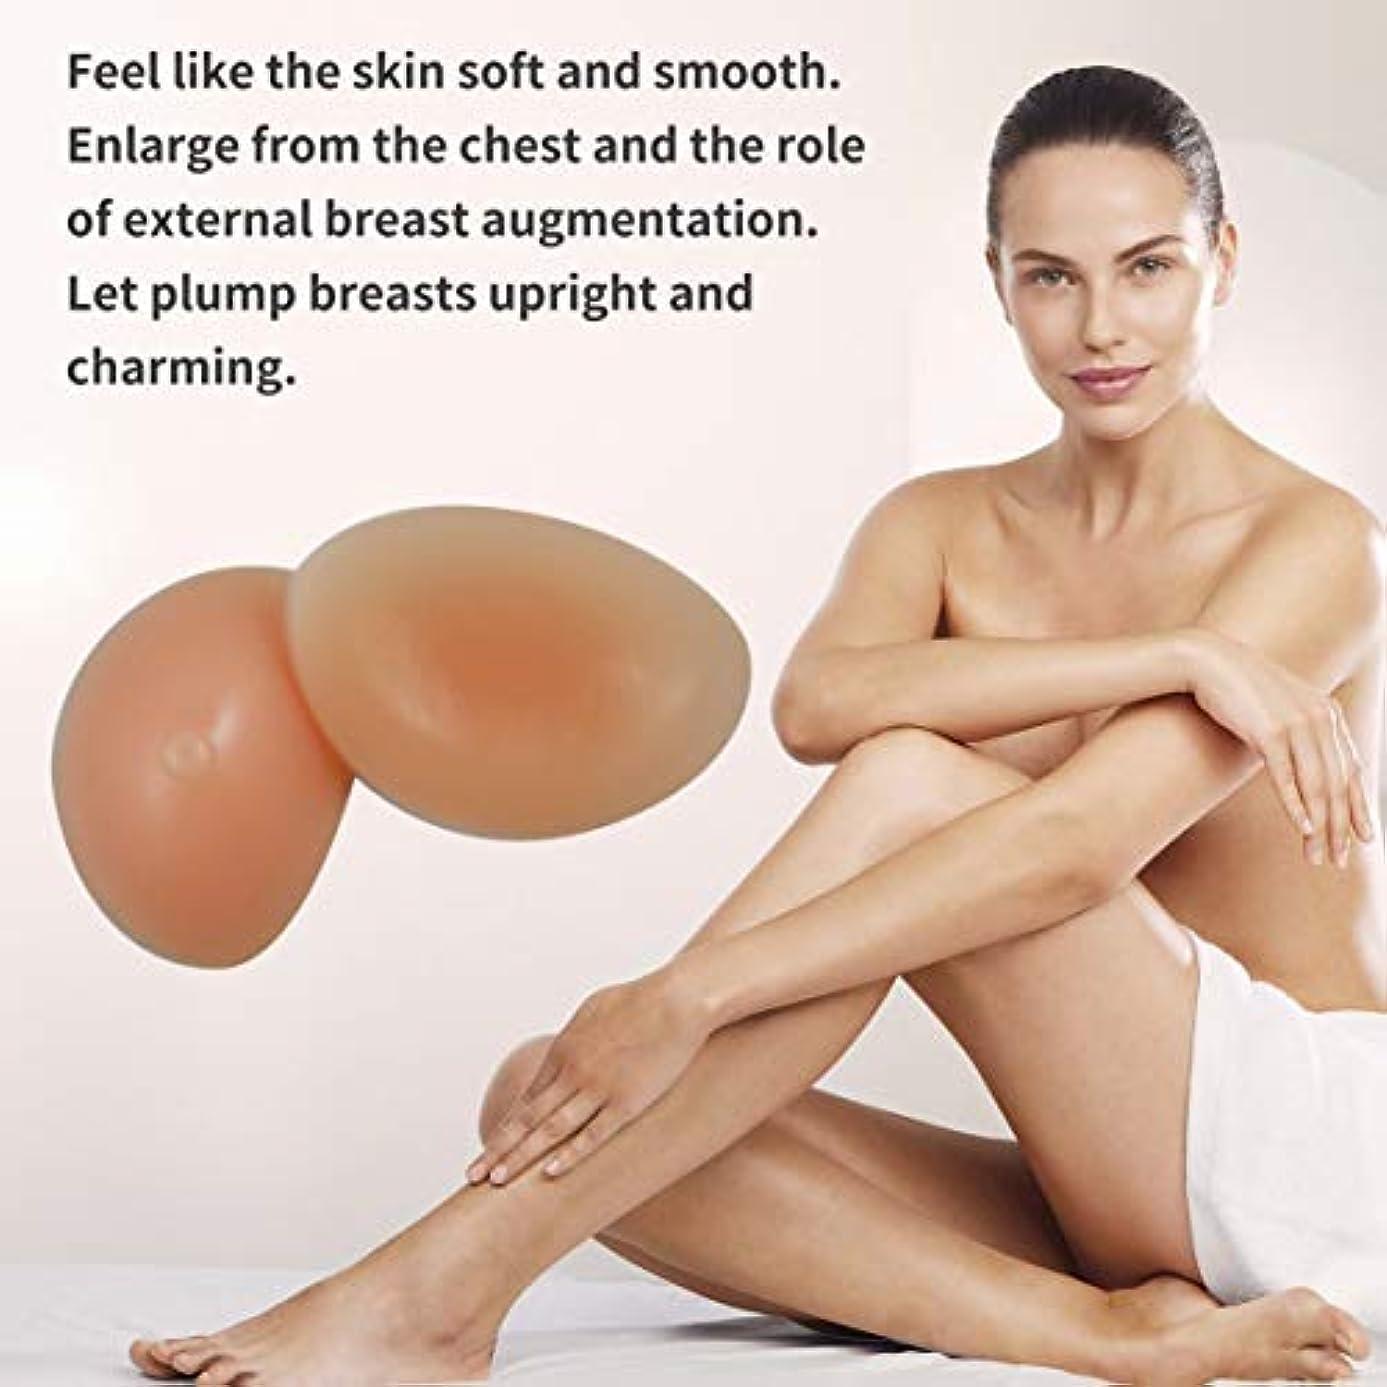 静けさ振動させる加害者シリコーンフォーム偽乳房エンハンサープッシュアップパッドブースターブラインサート人工乳房リアルな防水シリコーン乳房フォーム(肌色)